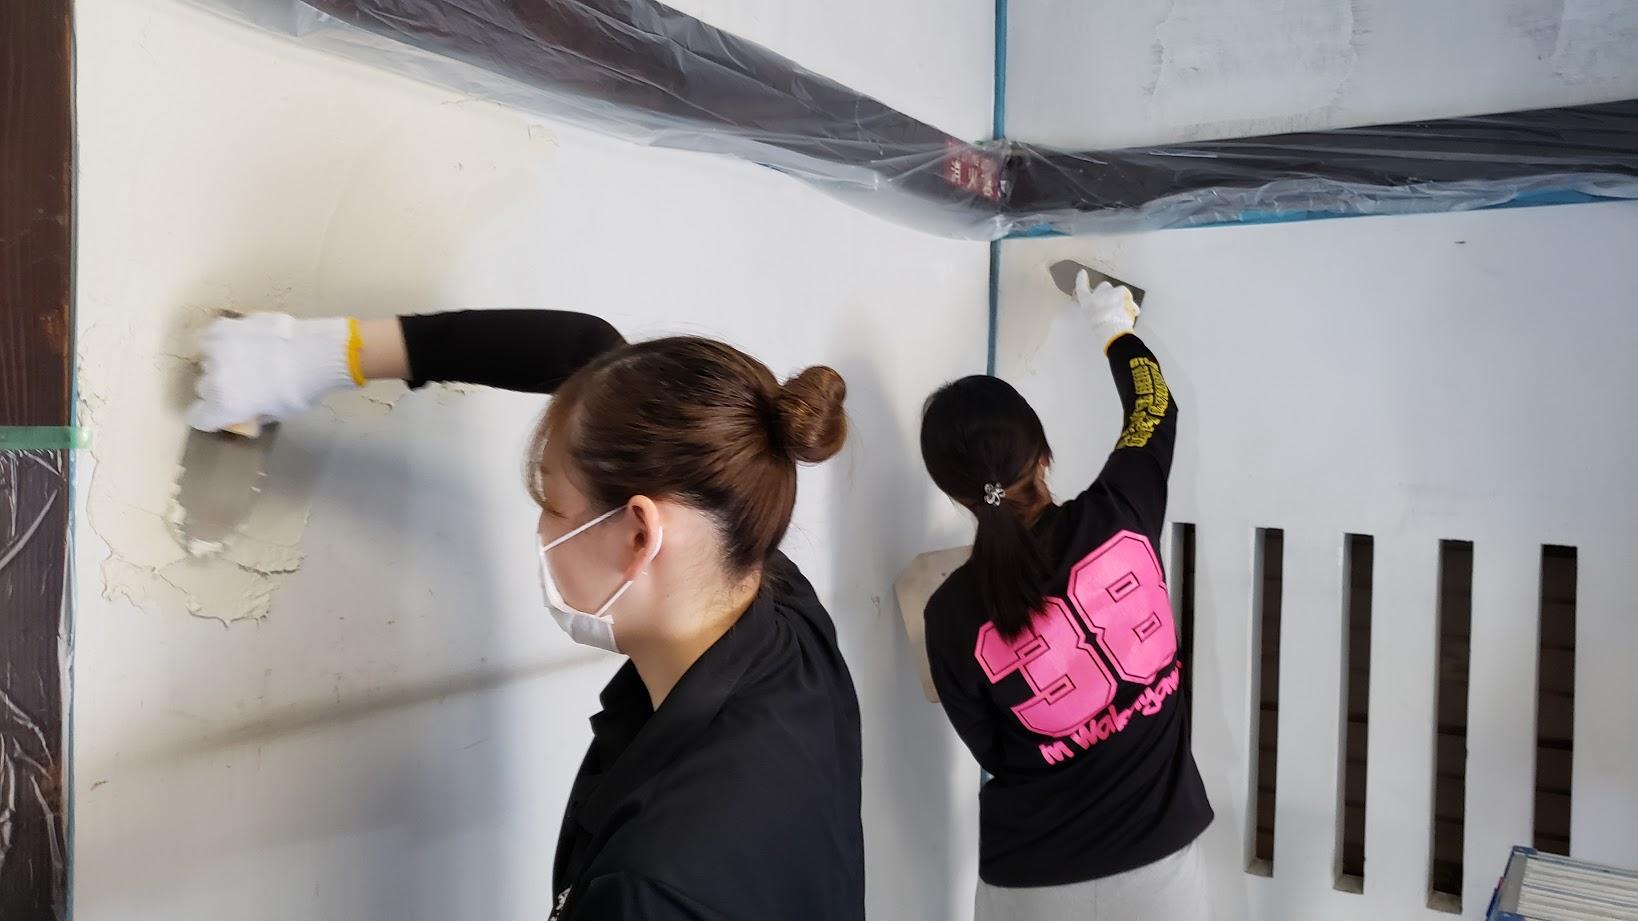 「みんなでDIYしよう!」の一コマ。近所の方やプロジェクトメンバーだけでなく、大学生や高校生など多くの方々が参加してきました。壁を塗ったり、廃材の撤去をしたり、障子の貼り換えをしたりなど。